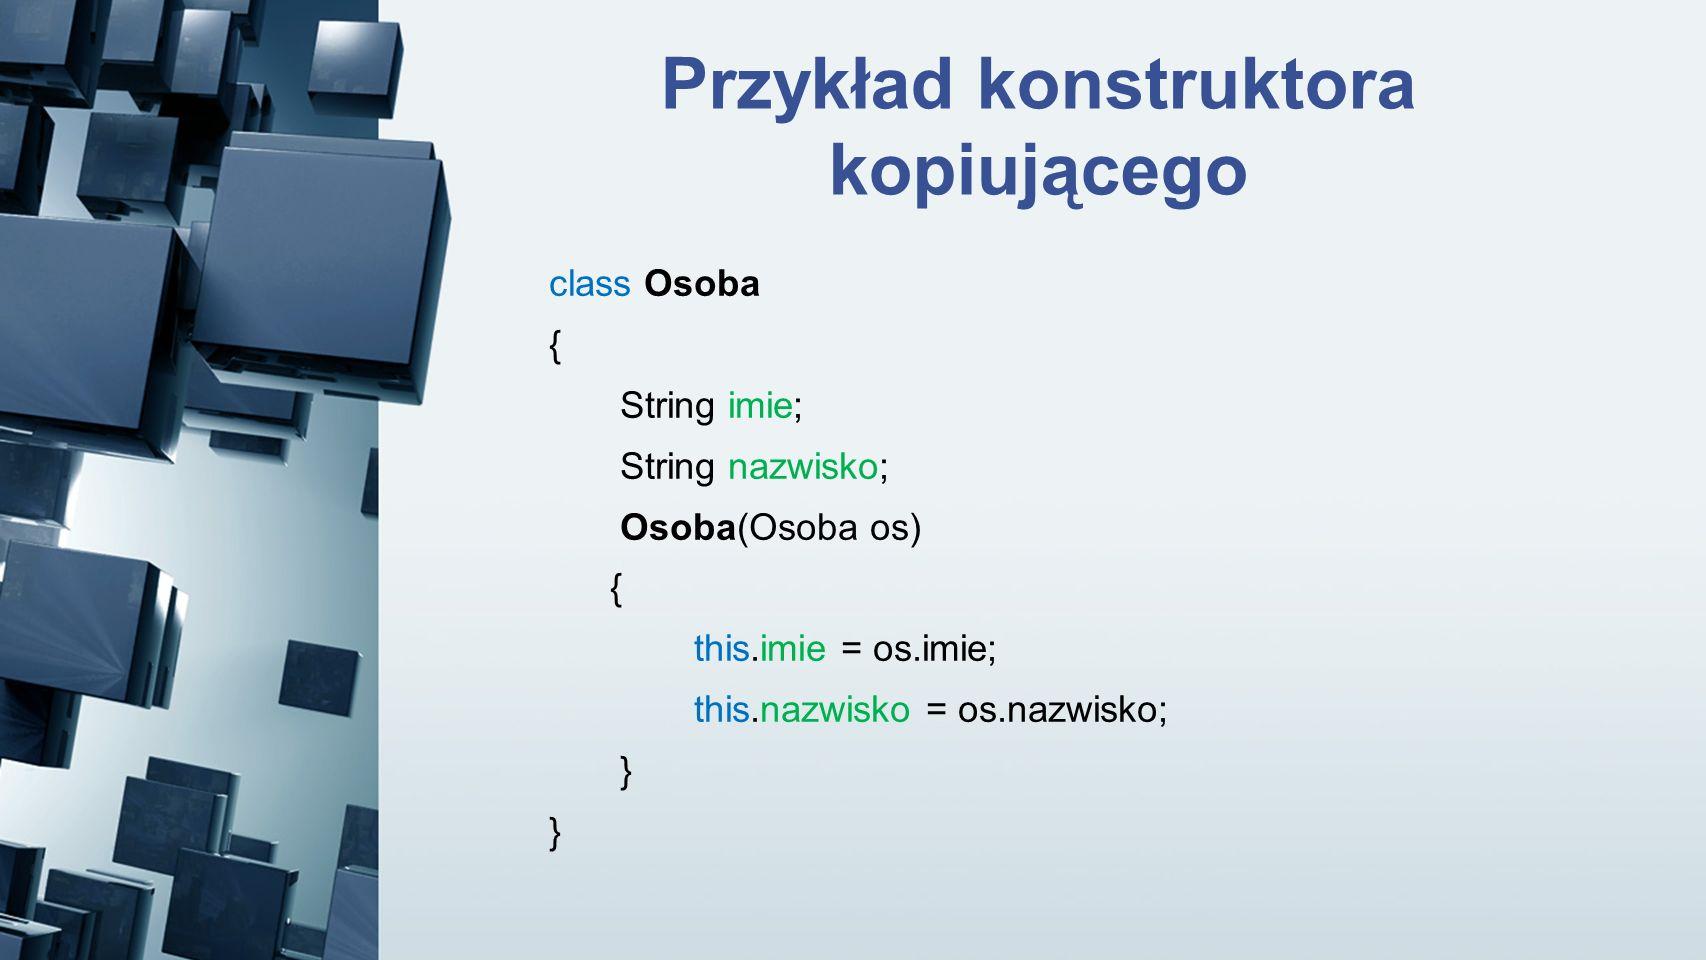 Przykład konstruktora kopiującego class Osoba { String imie; String nazwisko; Osoba(Osoba os) { this.imie = os.imie; this.nazwisko = os.nazwisko; }